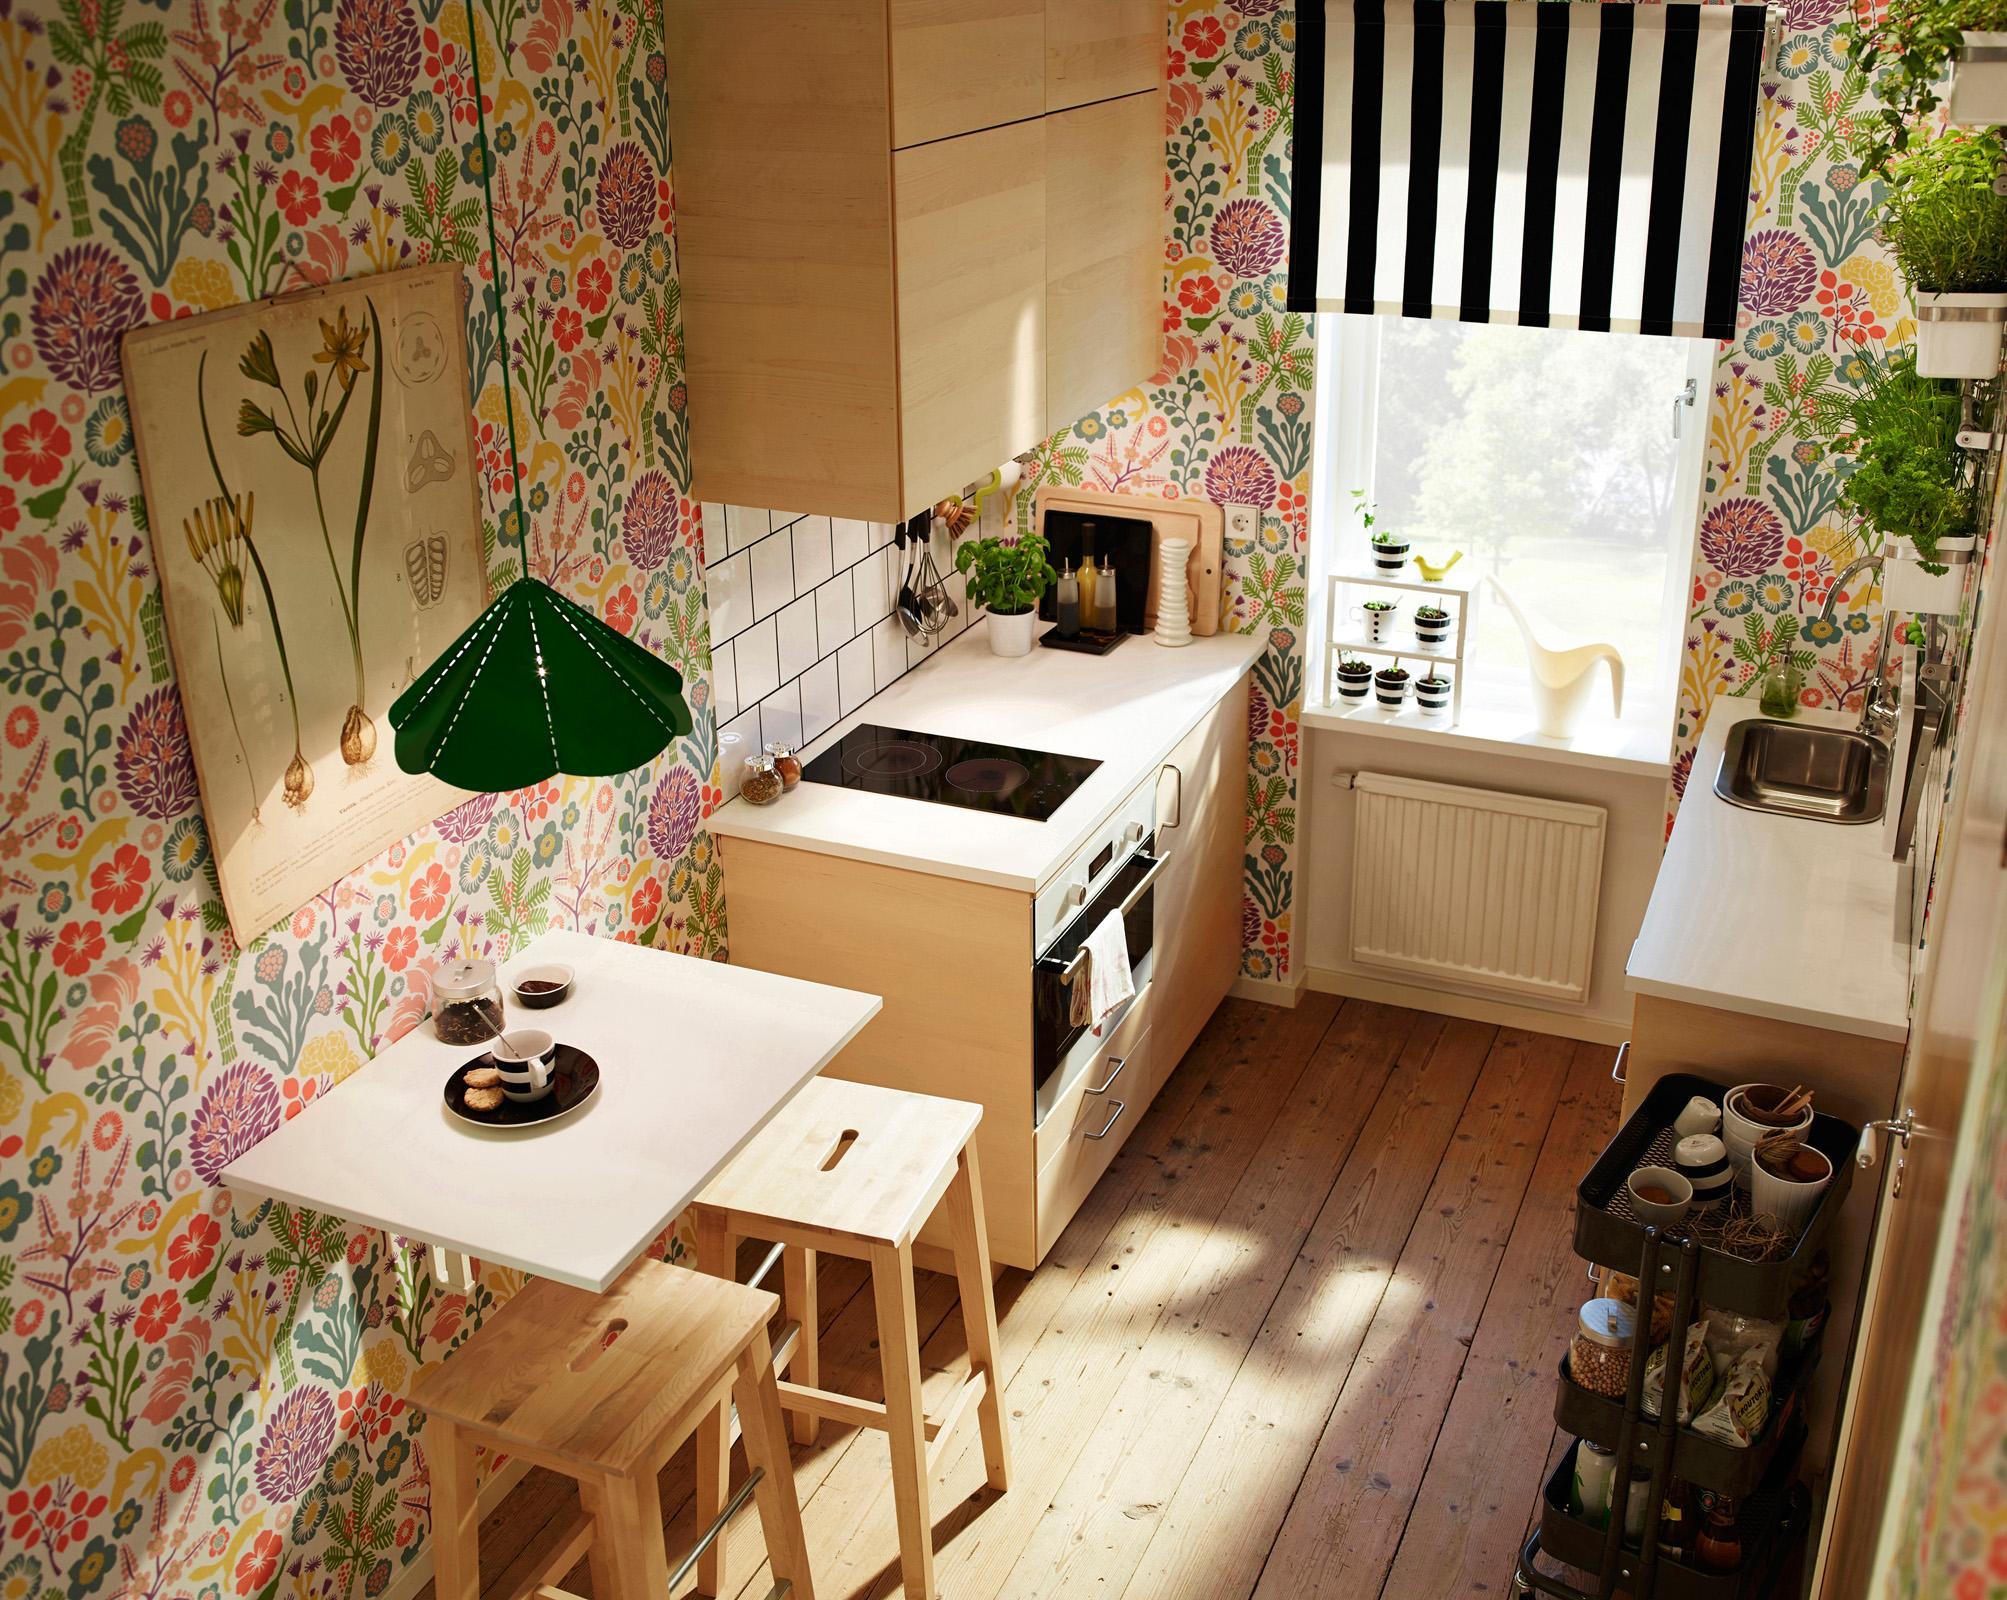 Full Size of Single Kche Bilder Ideen Couch Ikea Küche Kosten Modulküche Küchen Regal Sofa Mit Schlaffunktion Singleküche Betten 160x200 Bei Kühlschrank Miniküche Wohnzimmer Single Küchen Ikea